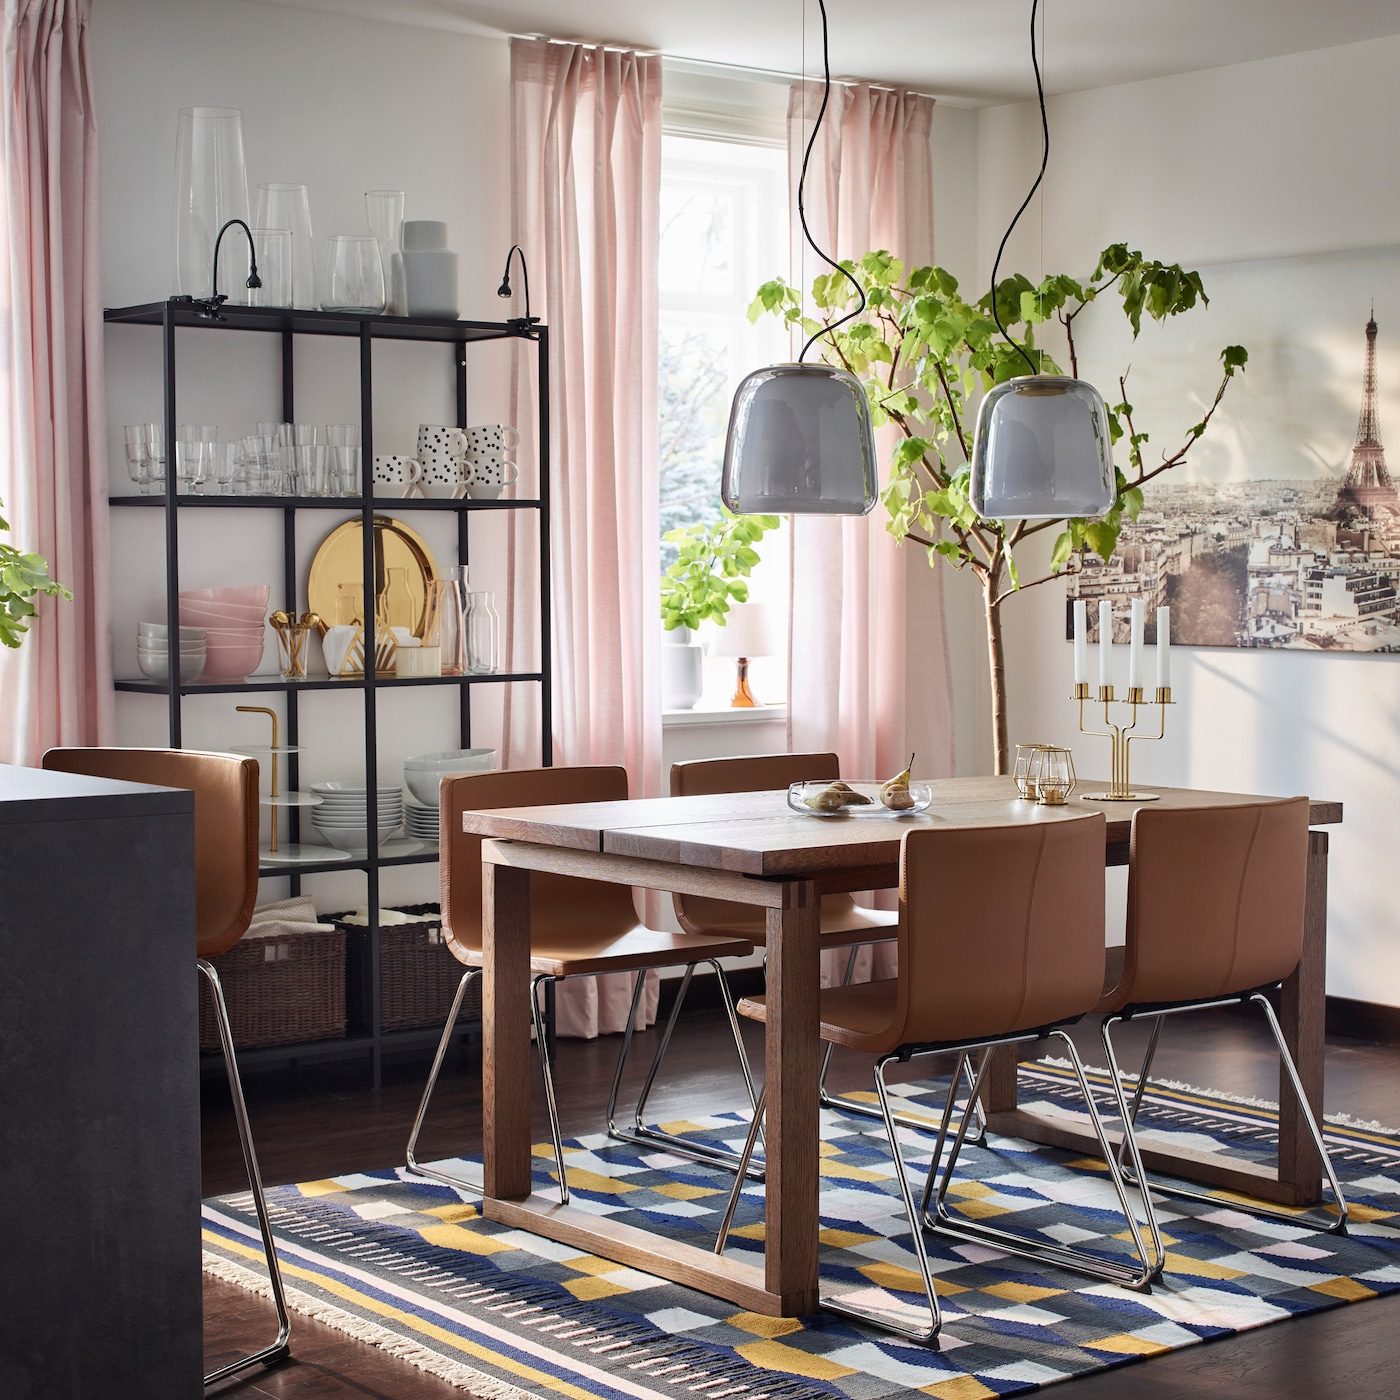 A mesa de refeição MÖRBYLÅNGA em chapa de carvalho castanha e as cadeiras BERNHARD em castanho dourado são uma solução moderna para um espaço de refeição graças às suas arestas e linhas direitas.